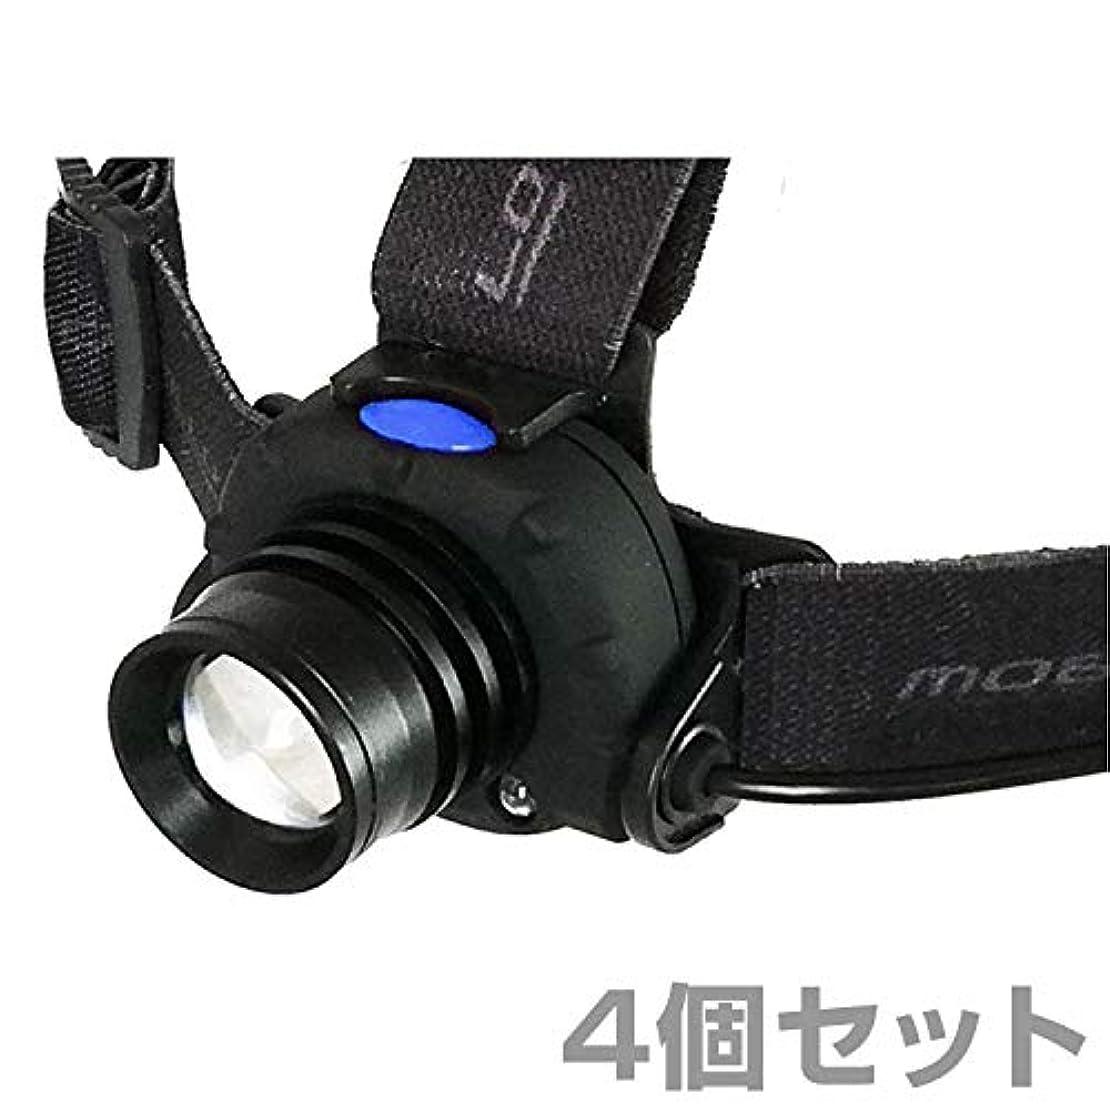 ヒロイン冷ややかなタクシーモブリロ(MOBRILLO) ヘッドライト 乾電池式 防塵防水仕様 250ルーメン モーションセンサー付属 4個セット MB-B250F*4